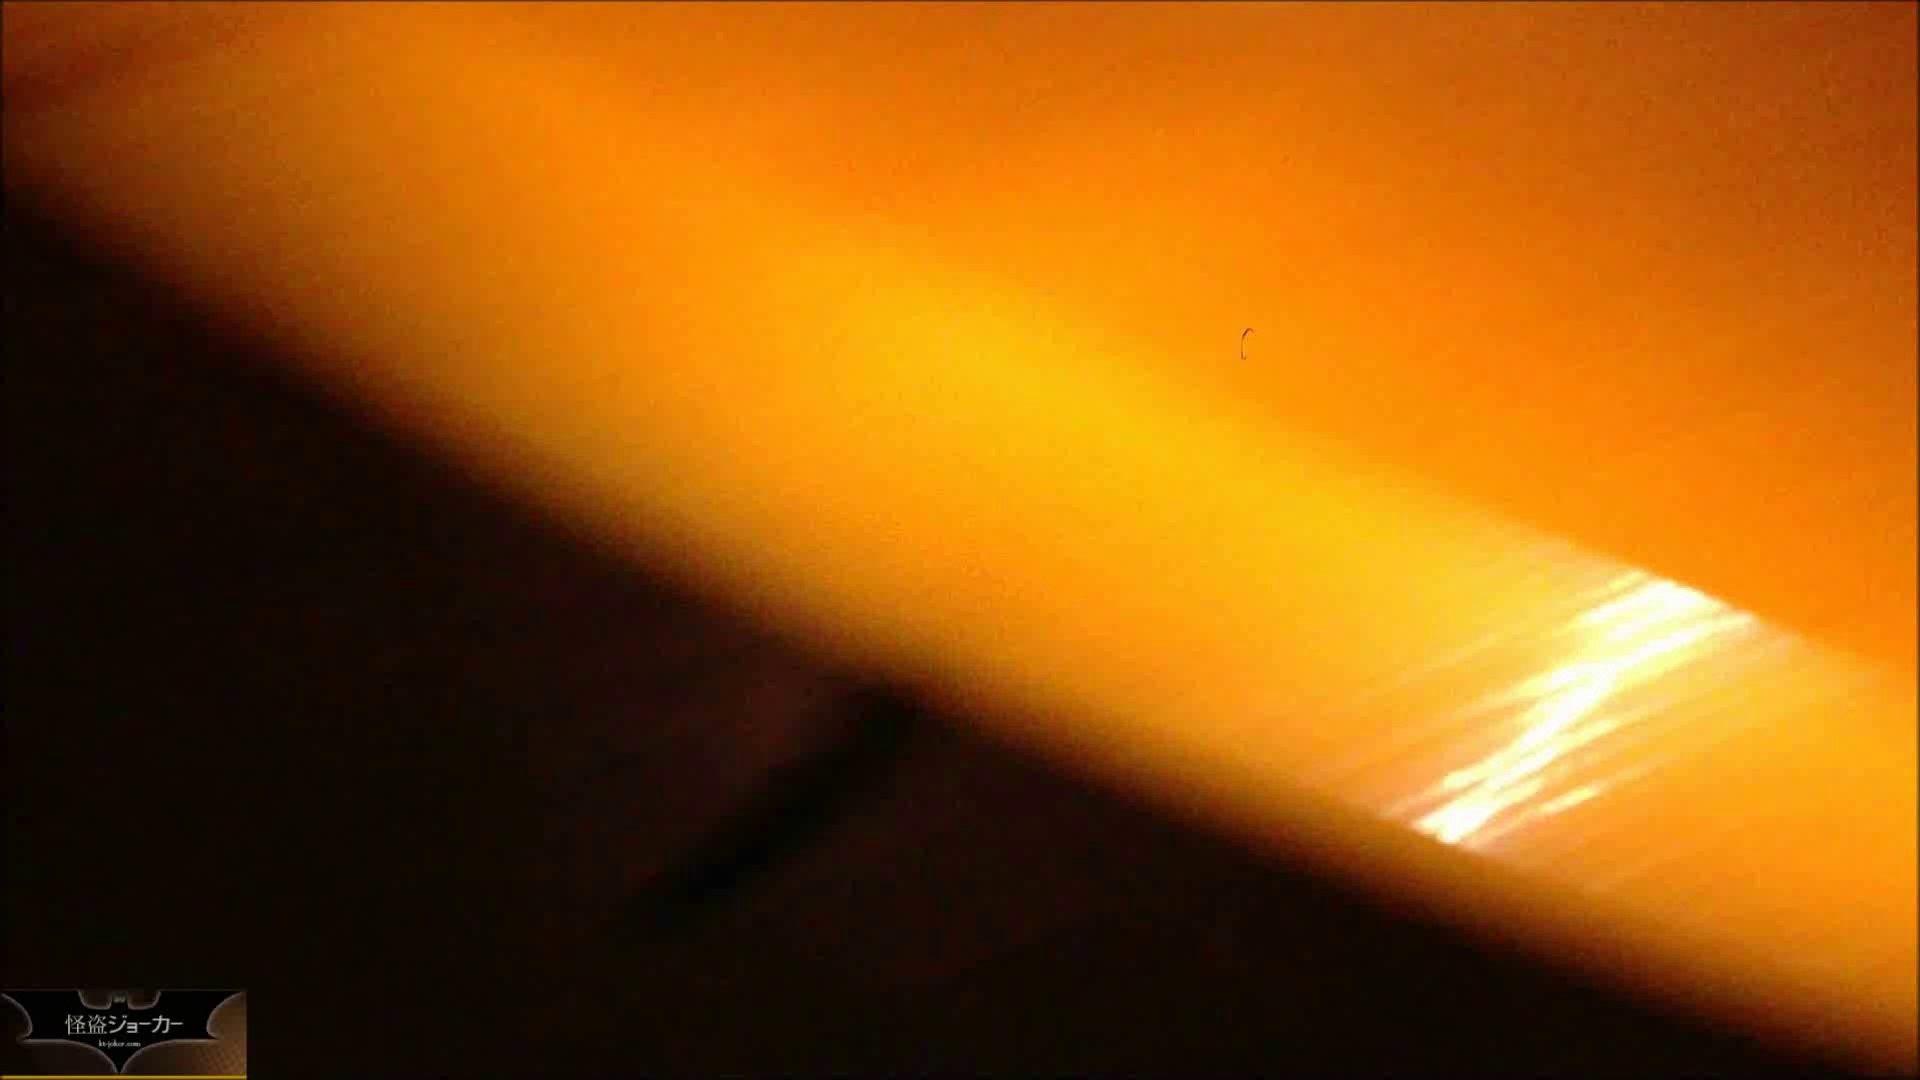 【未公開】vol.74 {西野カナ似の美系大学生}Y・Iちゃん② いじくり   ギャル攻め  54画像 1